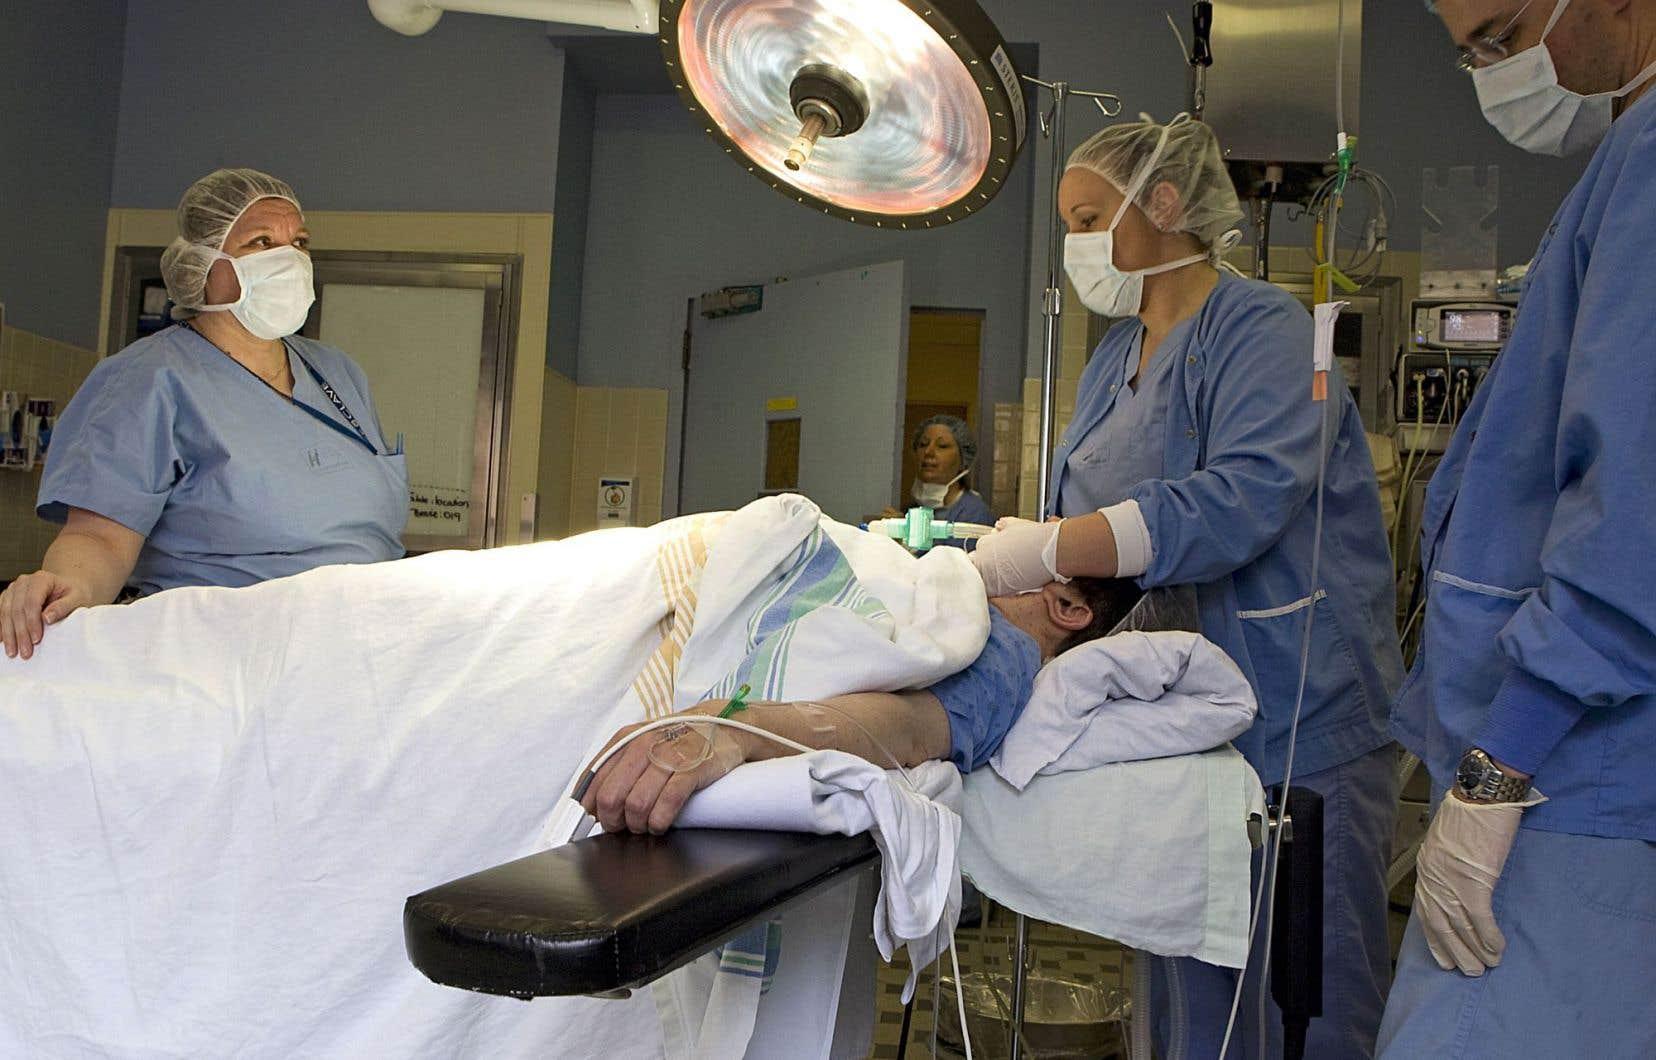 Si le CSBE attribue au Québec la note de 67 sur 100 en matière d'équité, c'est que riches et pauvres ne retirent pas les mêmes bénéfices de notre système de santé.